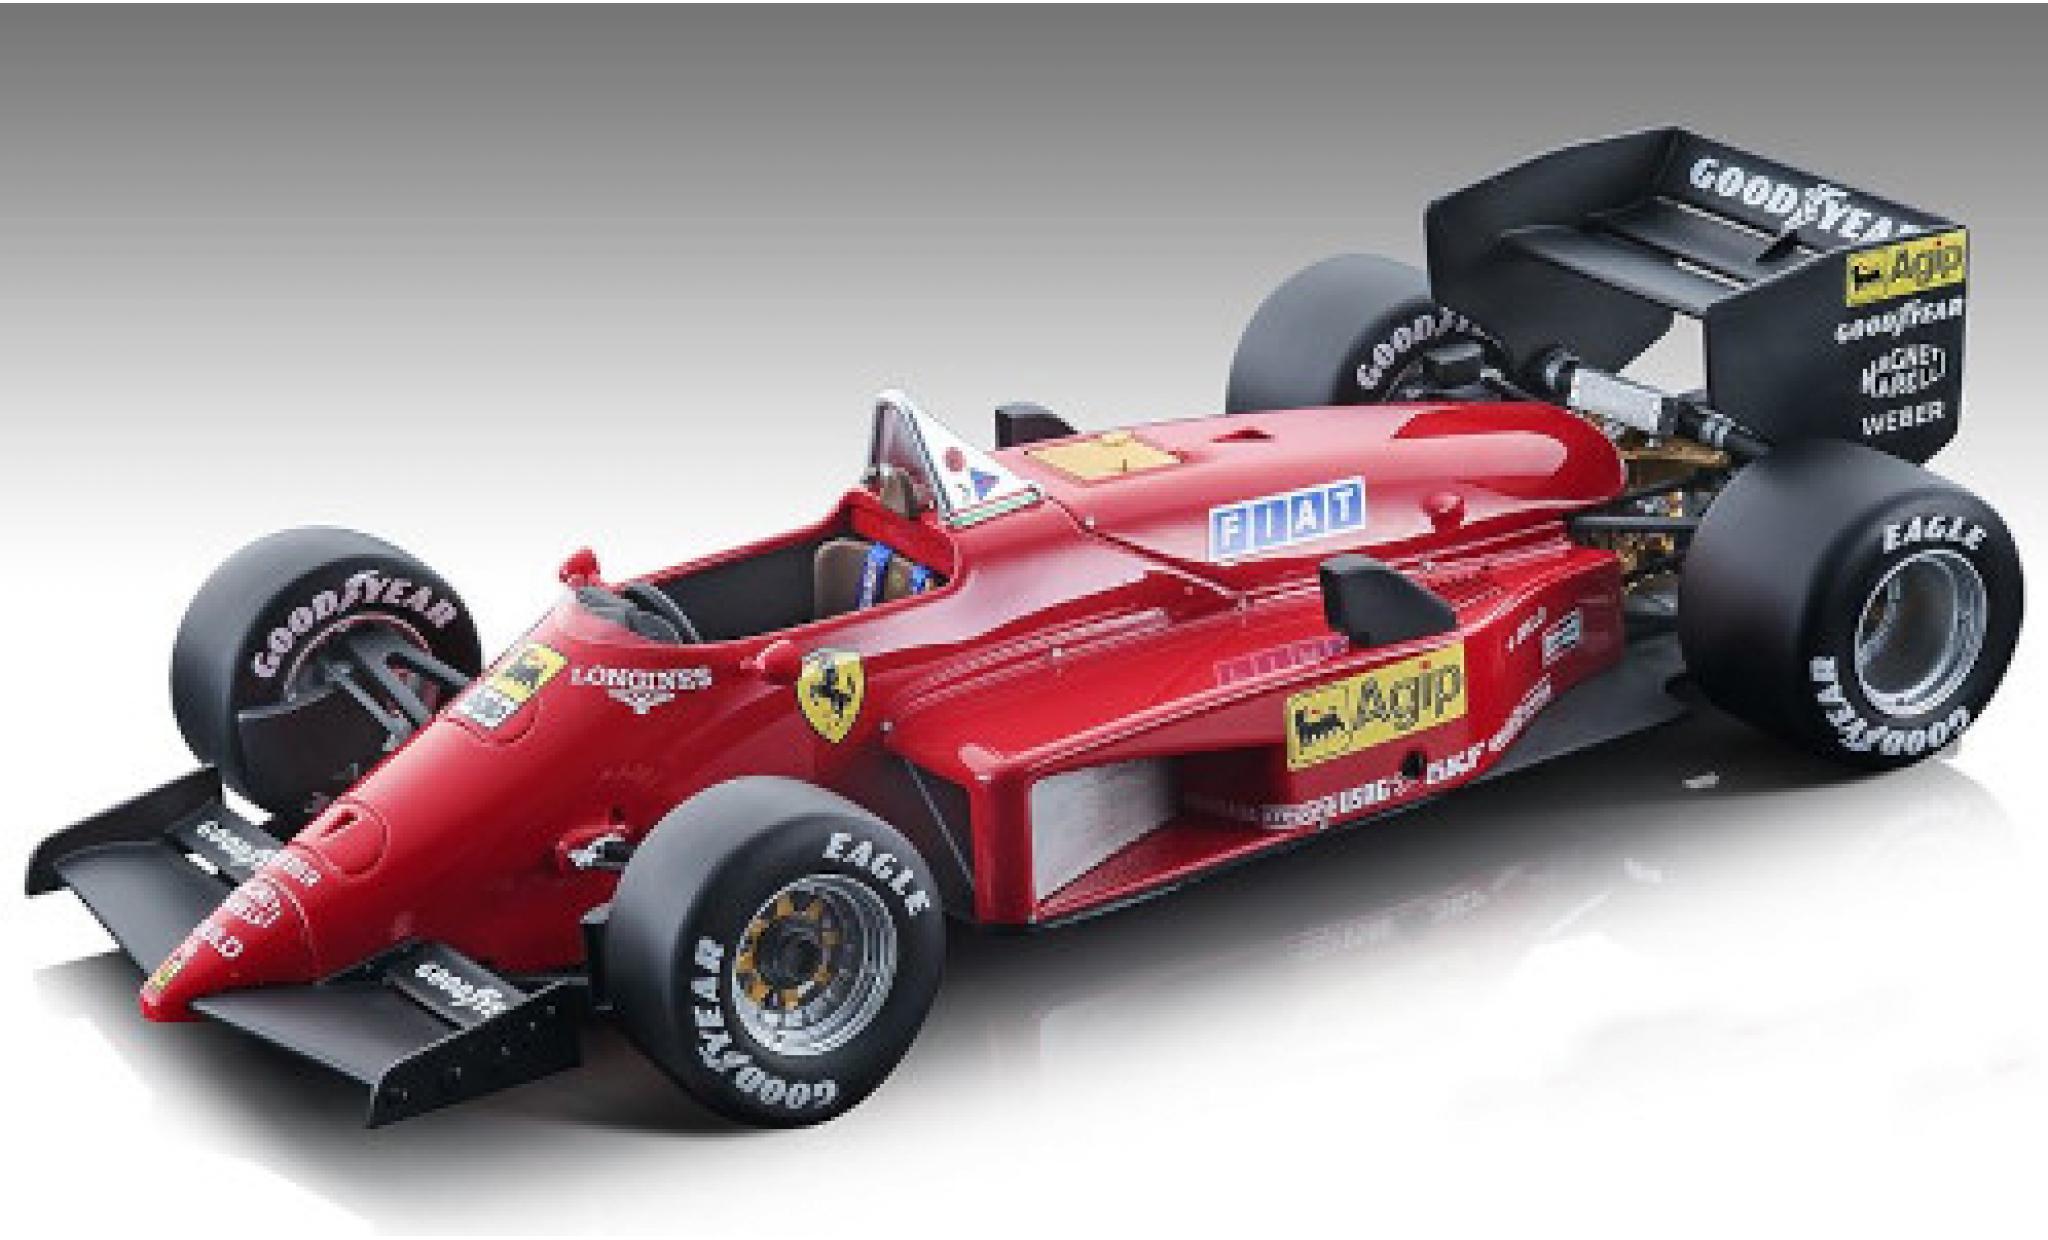 Ferrari 156 1/18 Tecnomodel -85 Scuderia Formel 1 1985 Pressefahrzeug y compris les Decals M.Alboreto